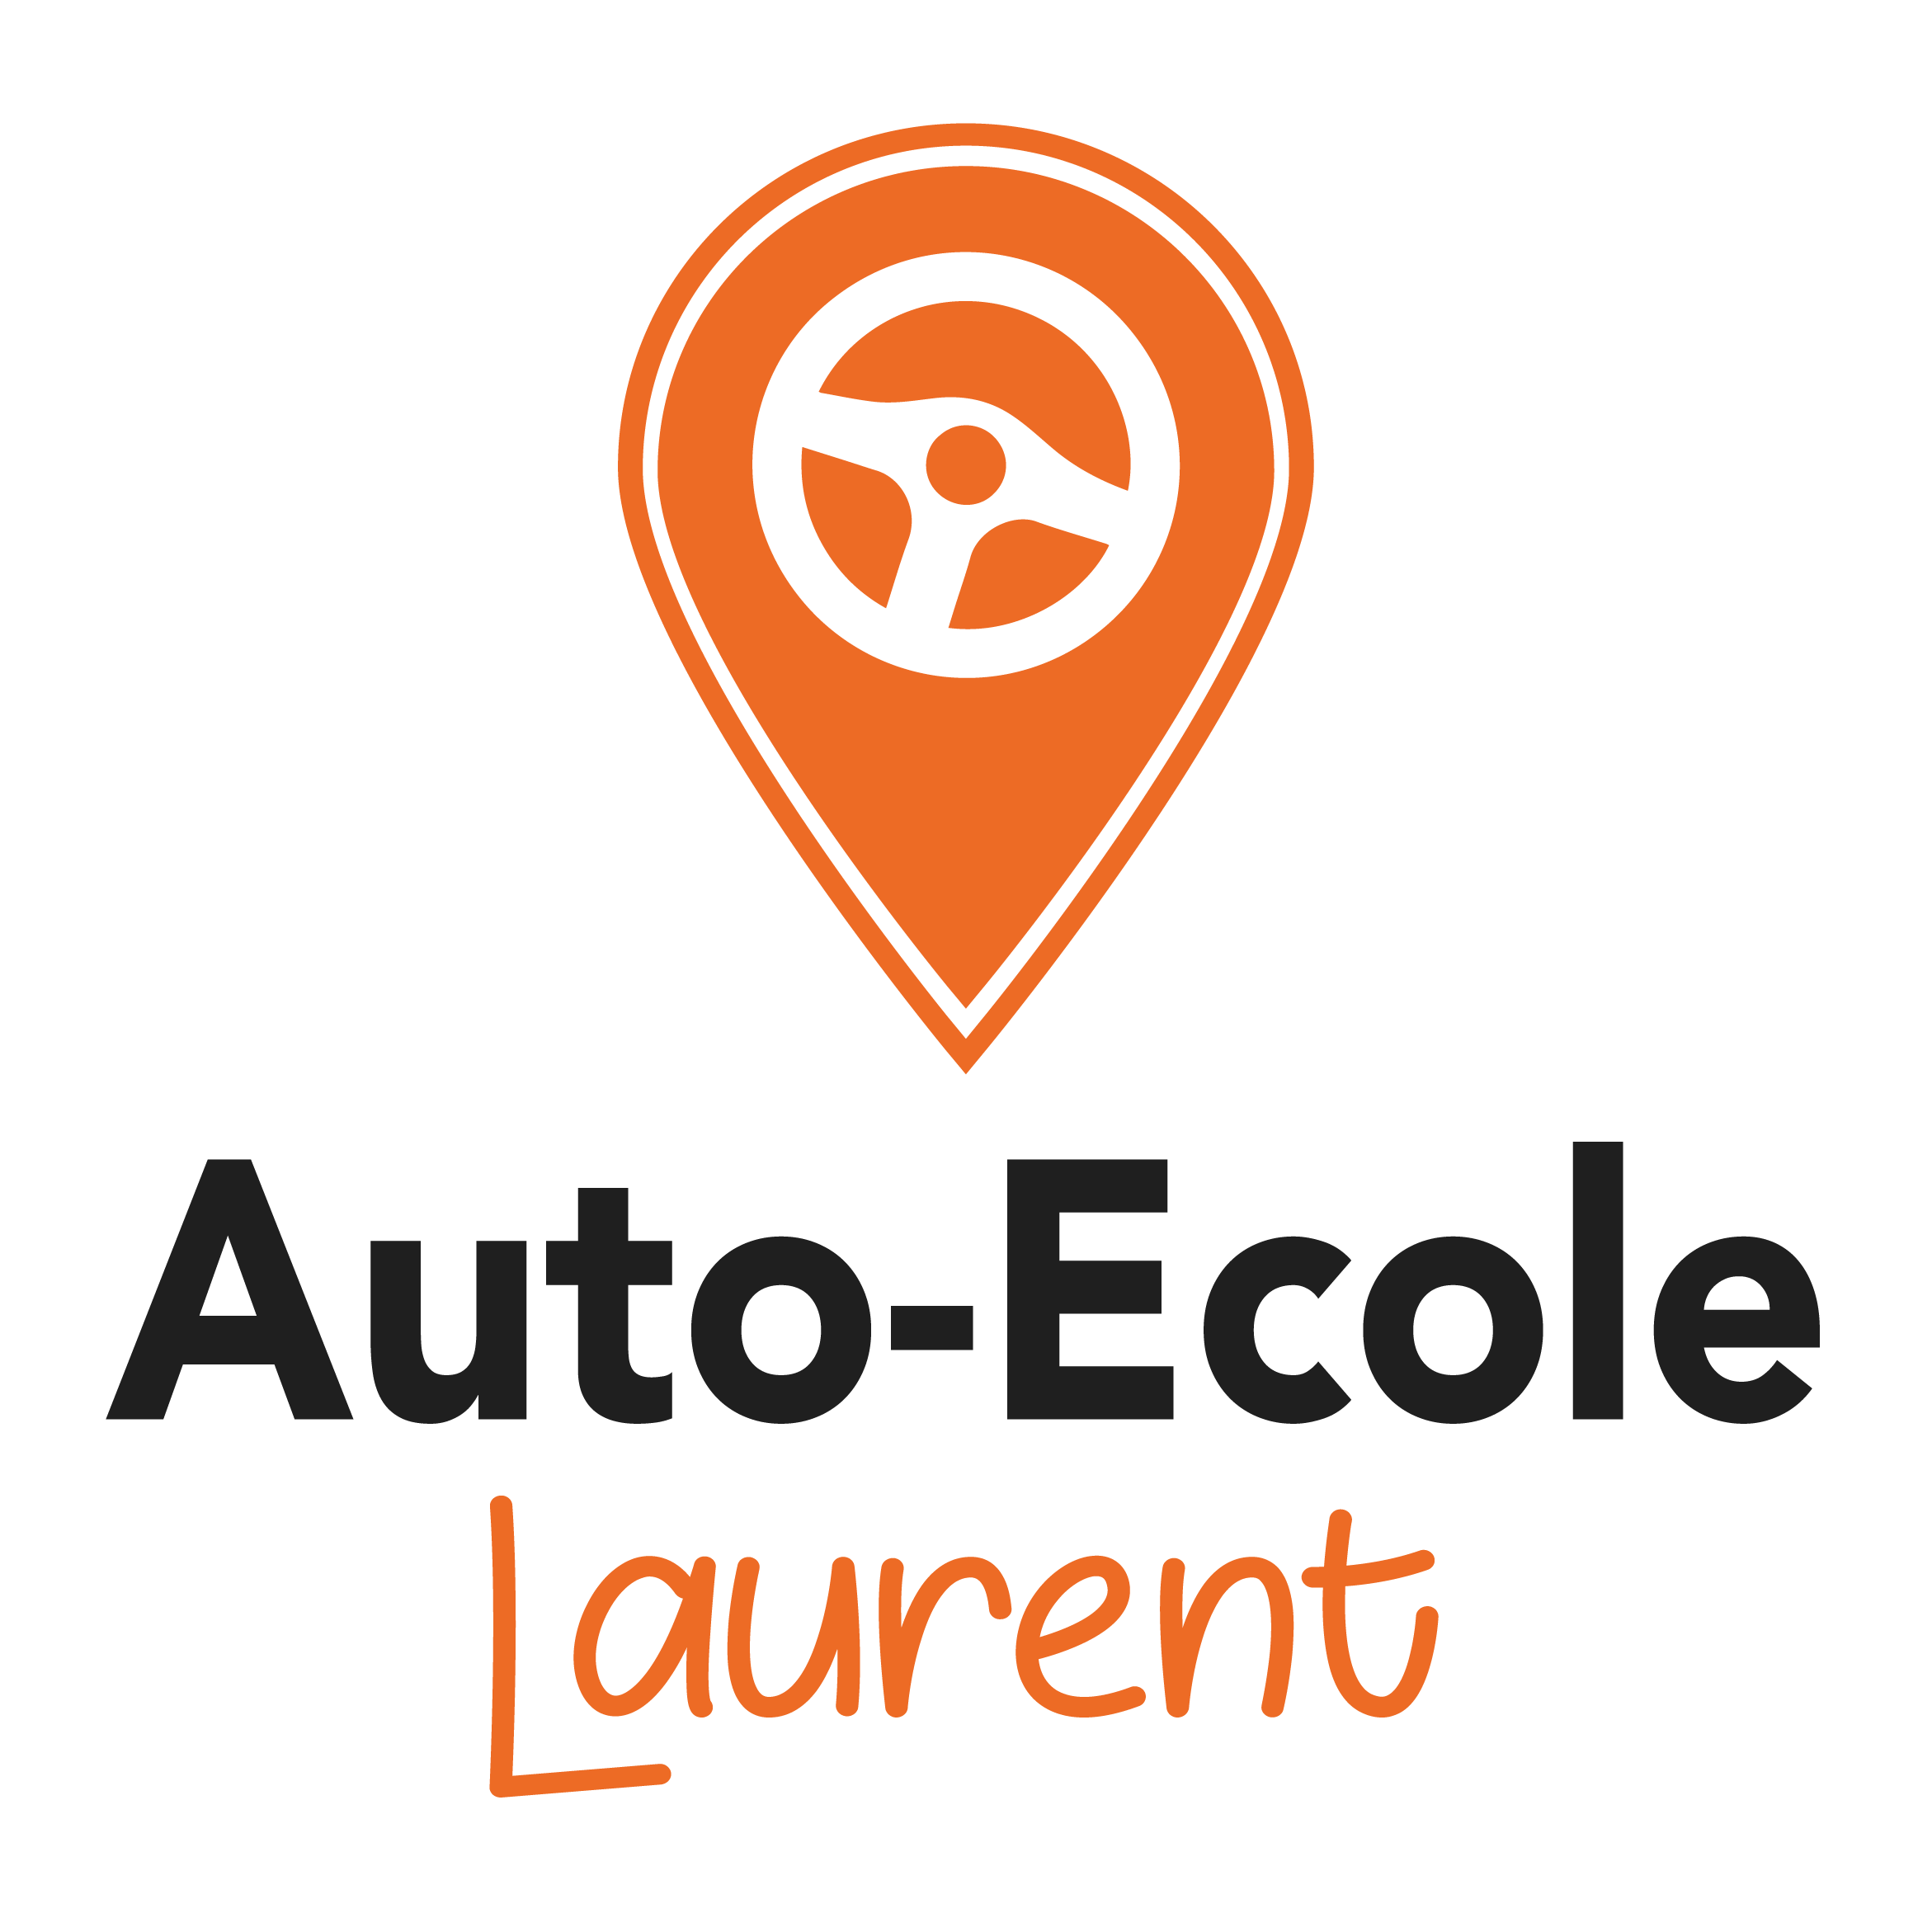 Logo auto école laurent